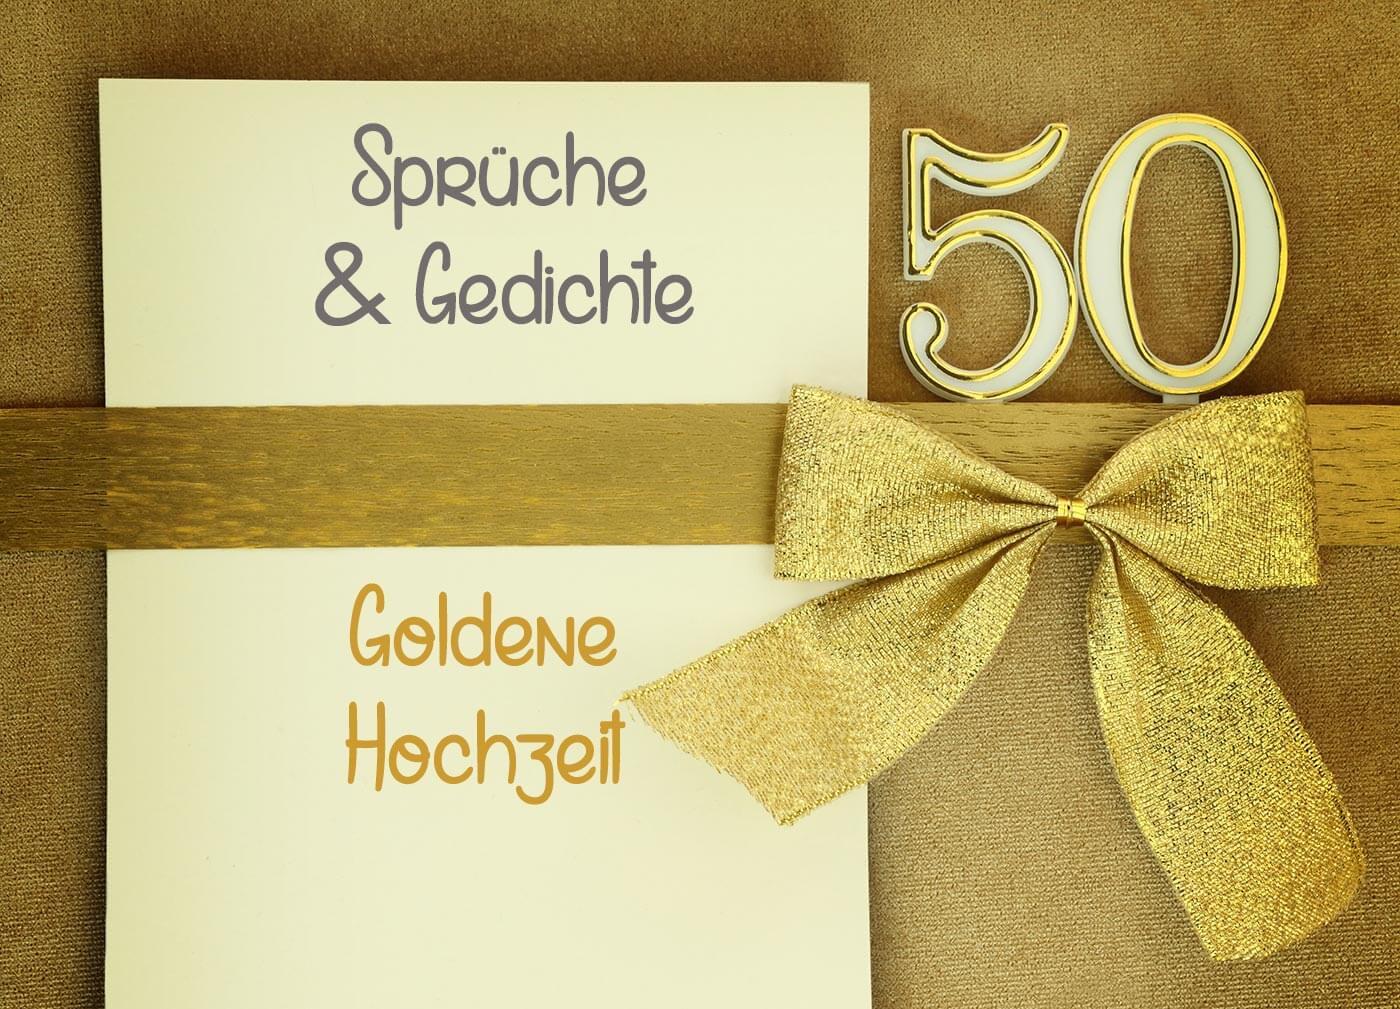 Goldenen Hochzeit  Sprüche zur Goldenen Hochzeit Zitate Gedichte